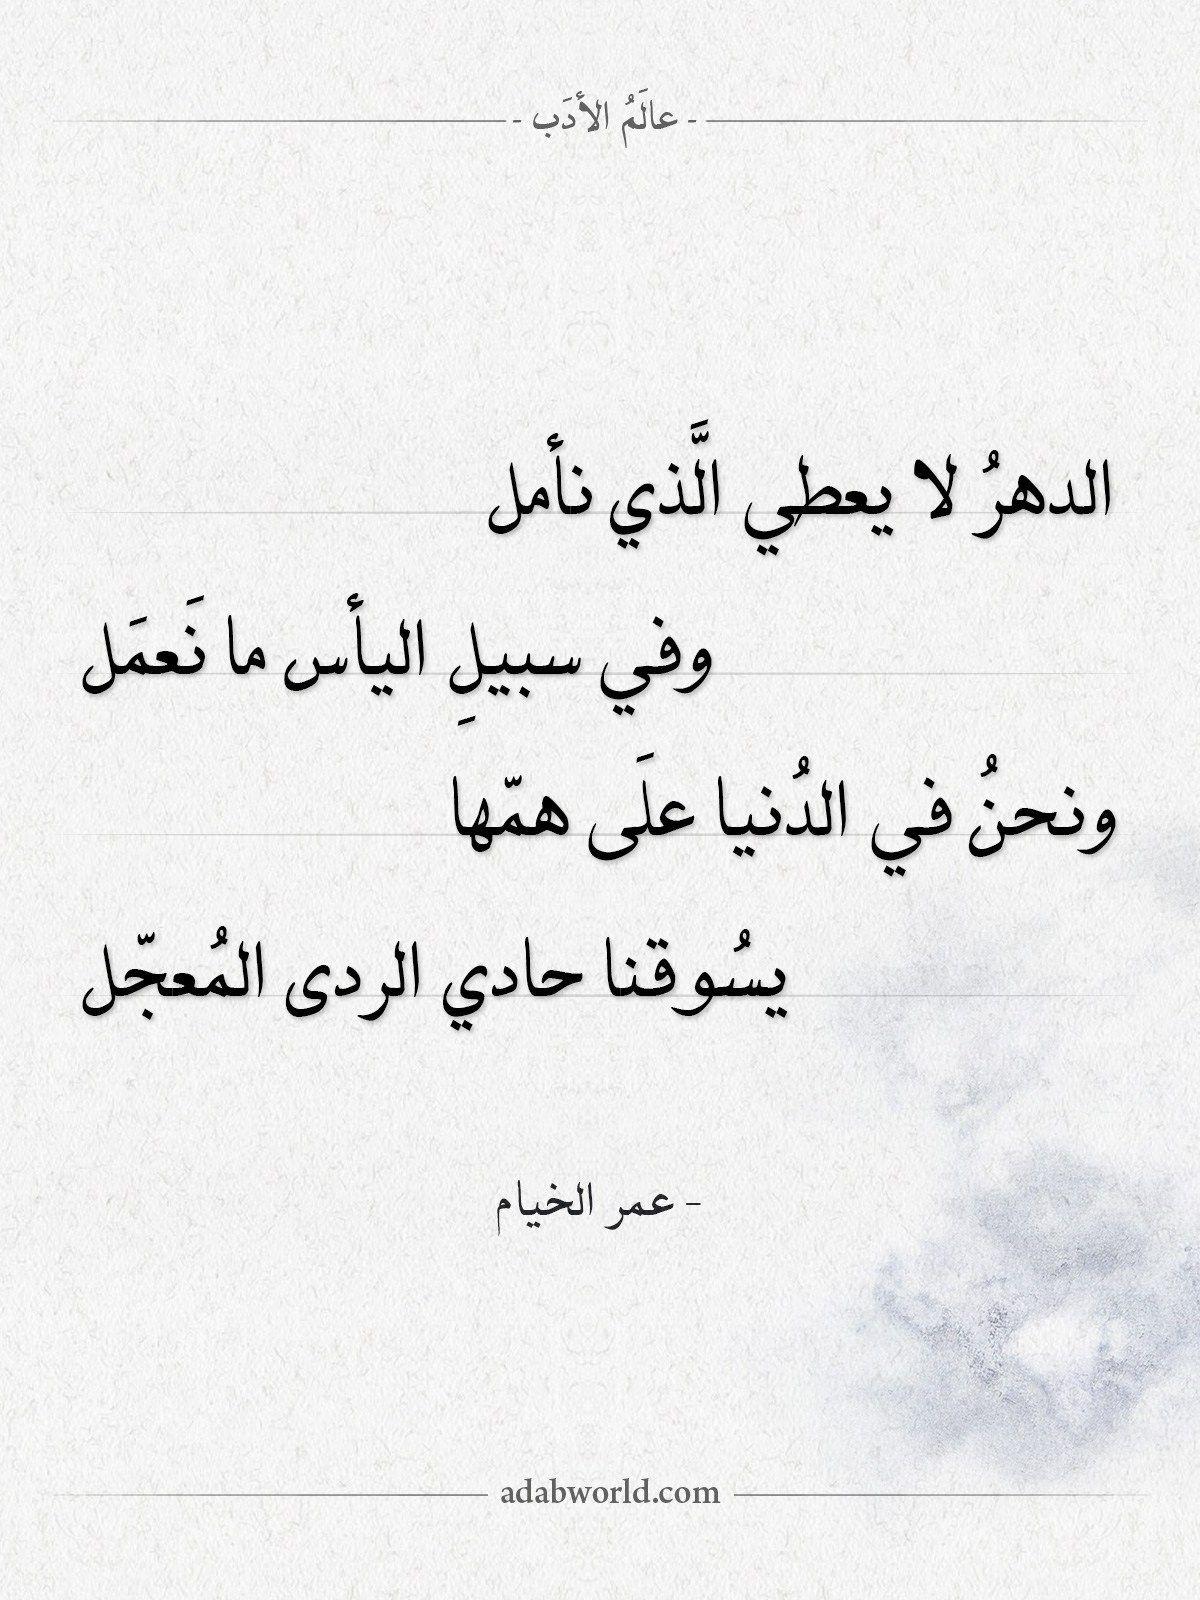 شعر عمر الخيام نمضي وتبقى العيشة الراضية عالم الأدب In 2021 Arabic Love Quotes Love Quotes Arabic